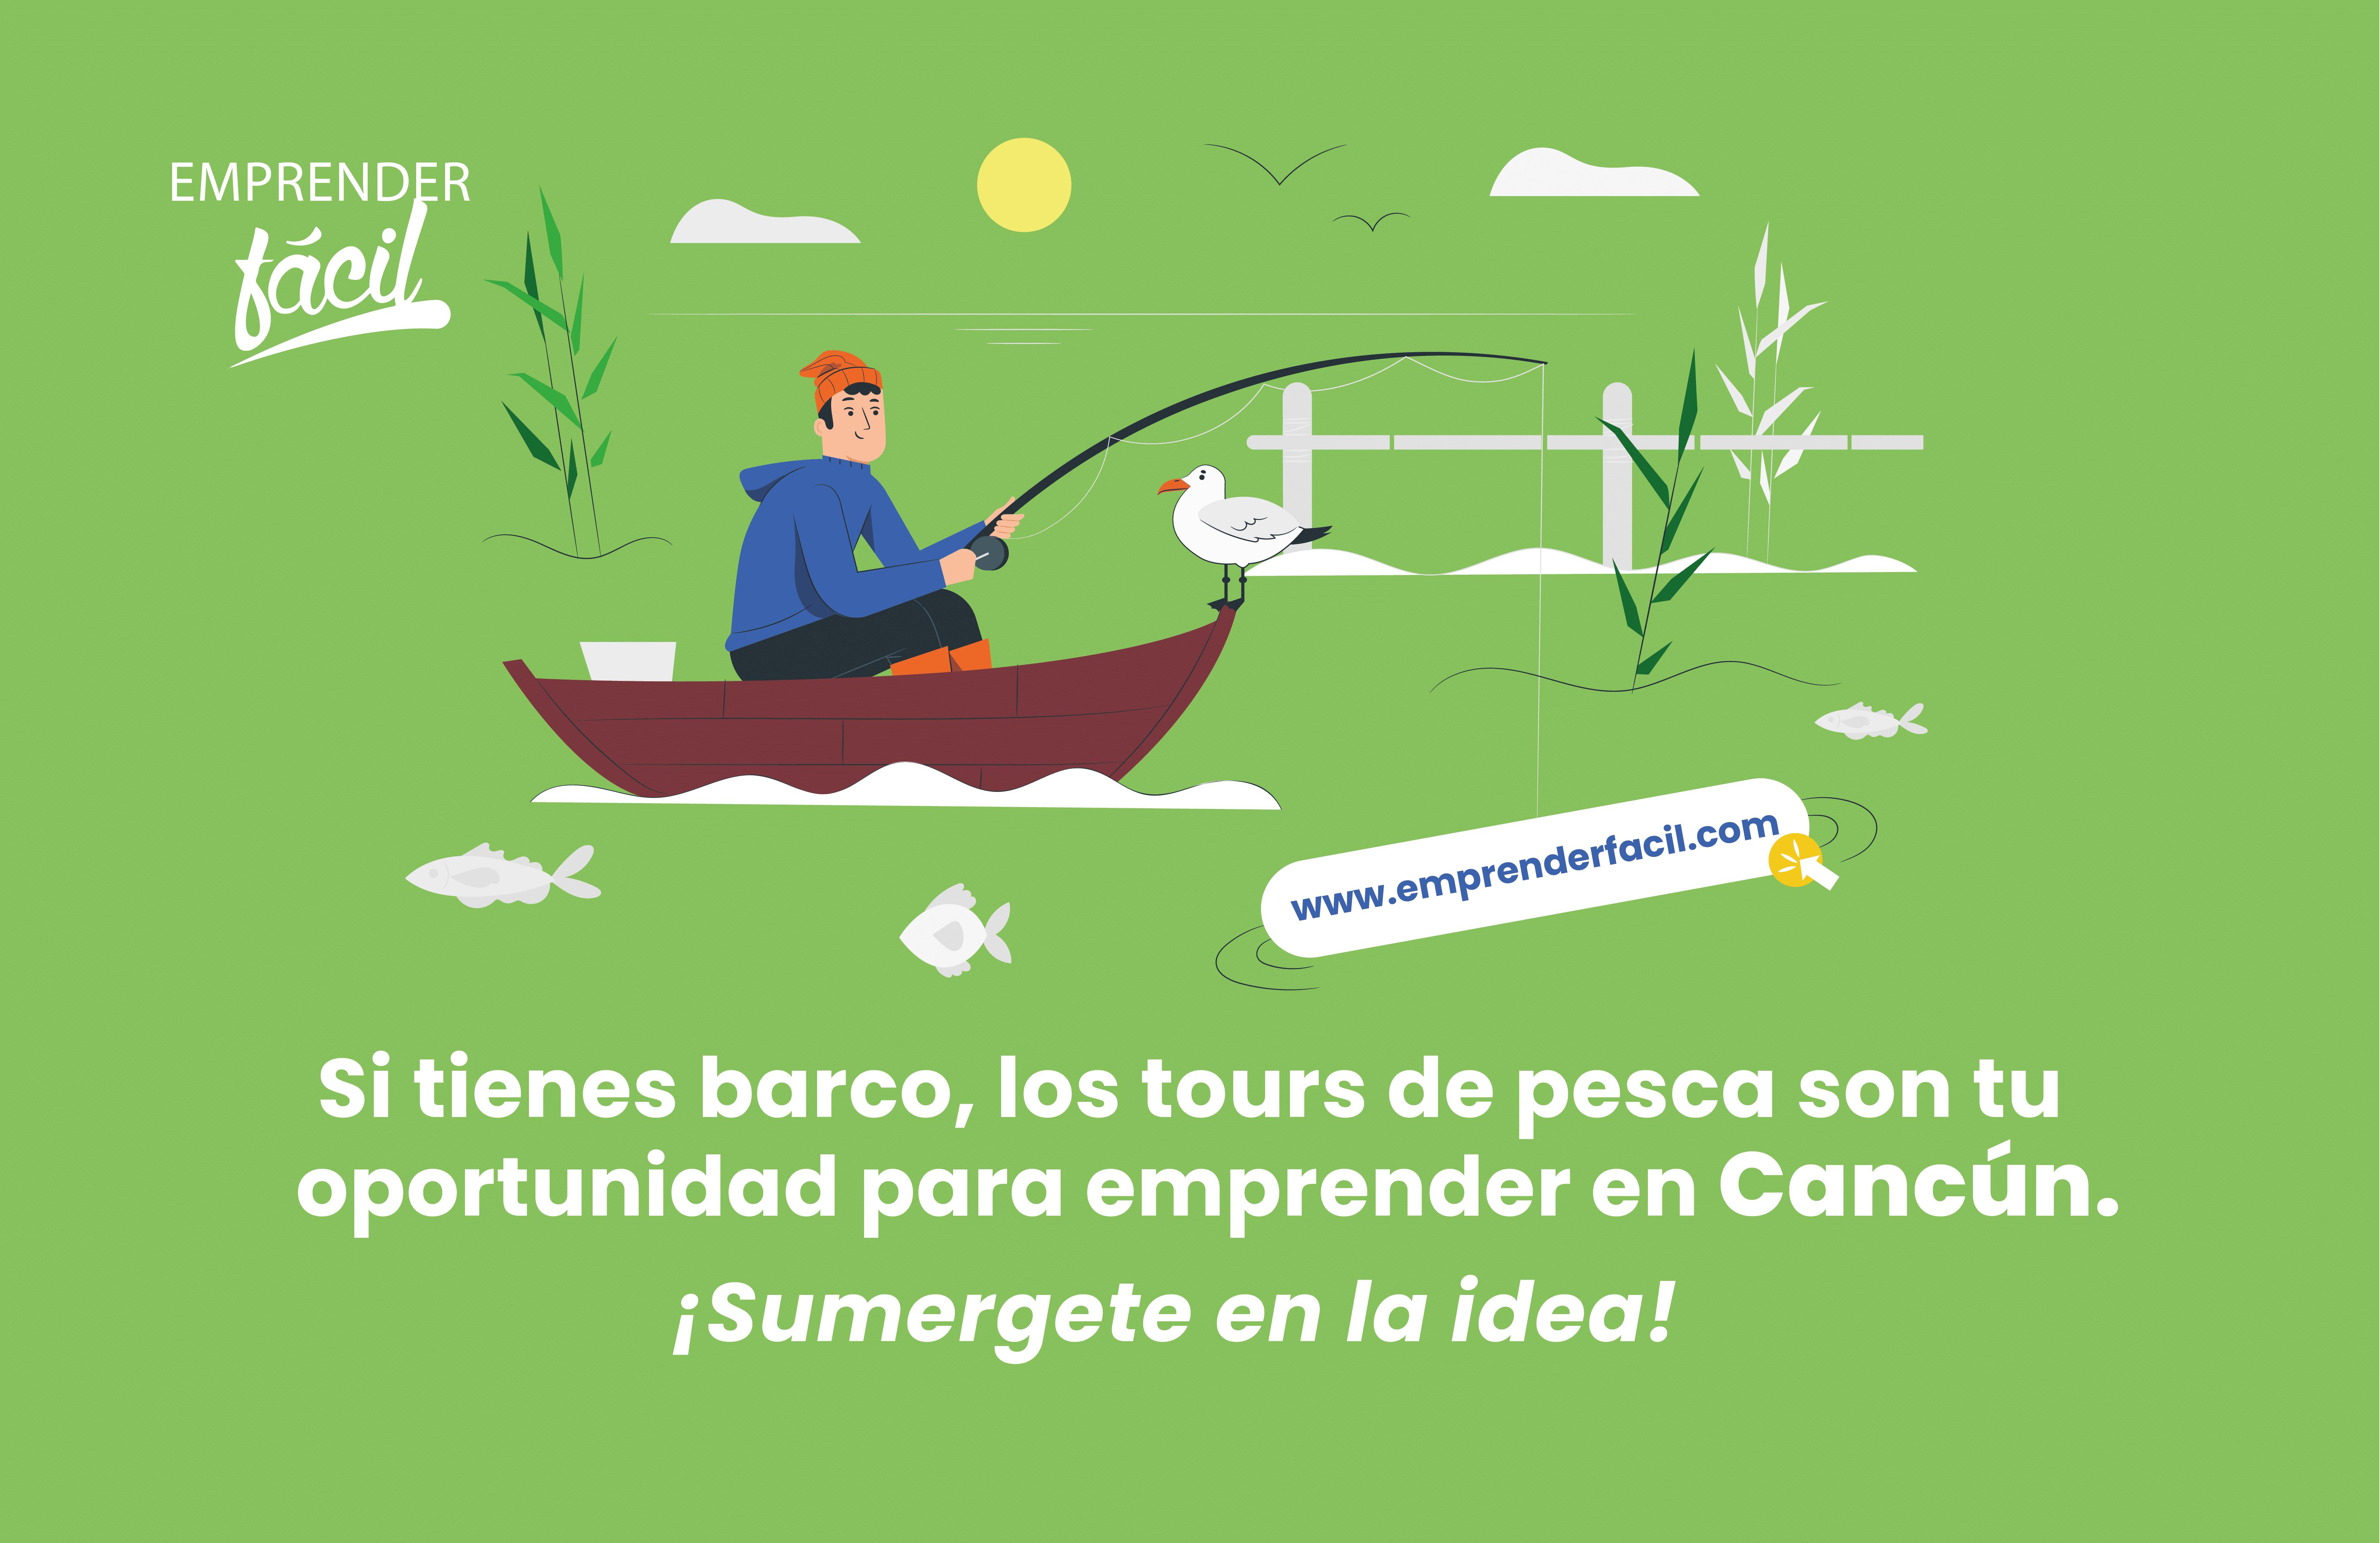 Ofrece tours de pesca, uno de los negocios rentables en Cancún